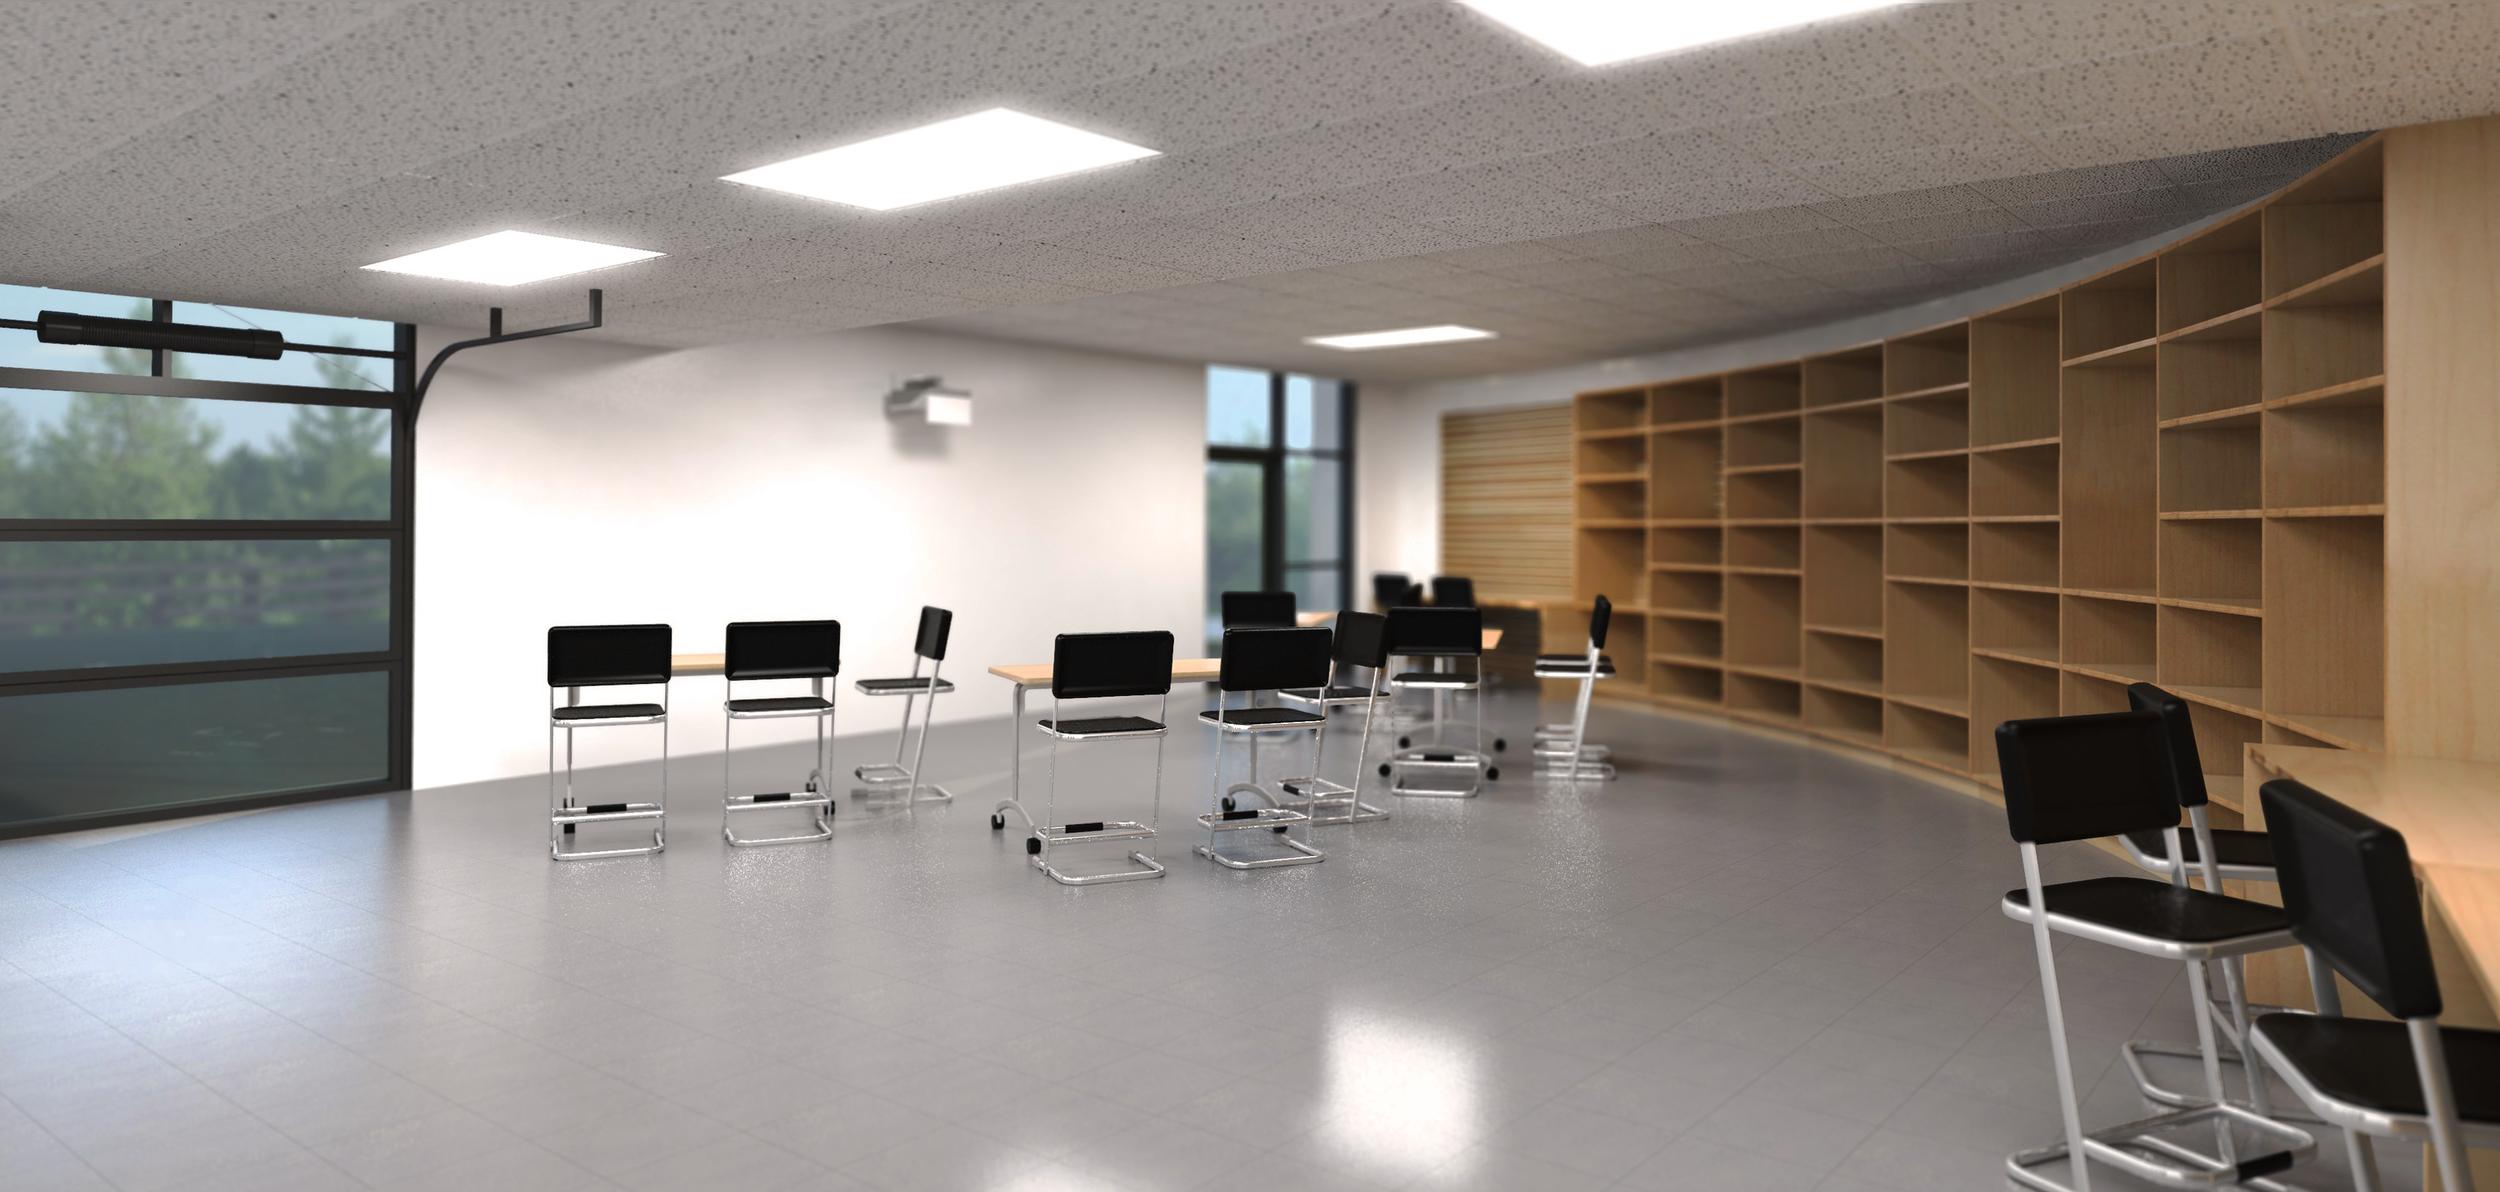 Interior Classroom Design